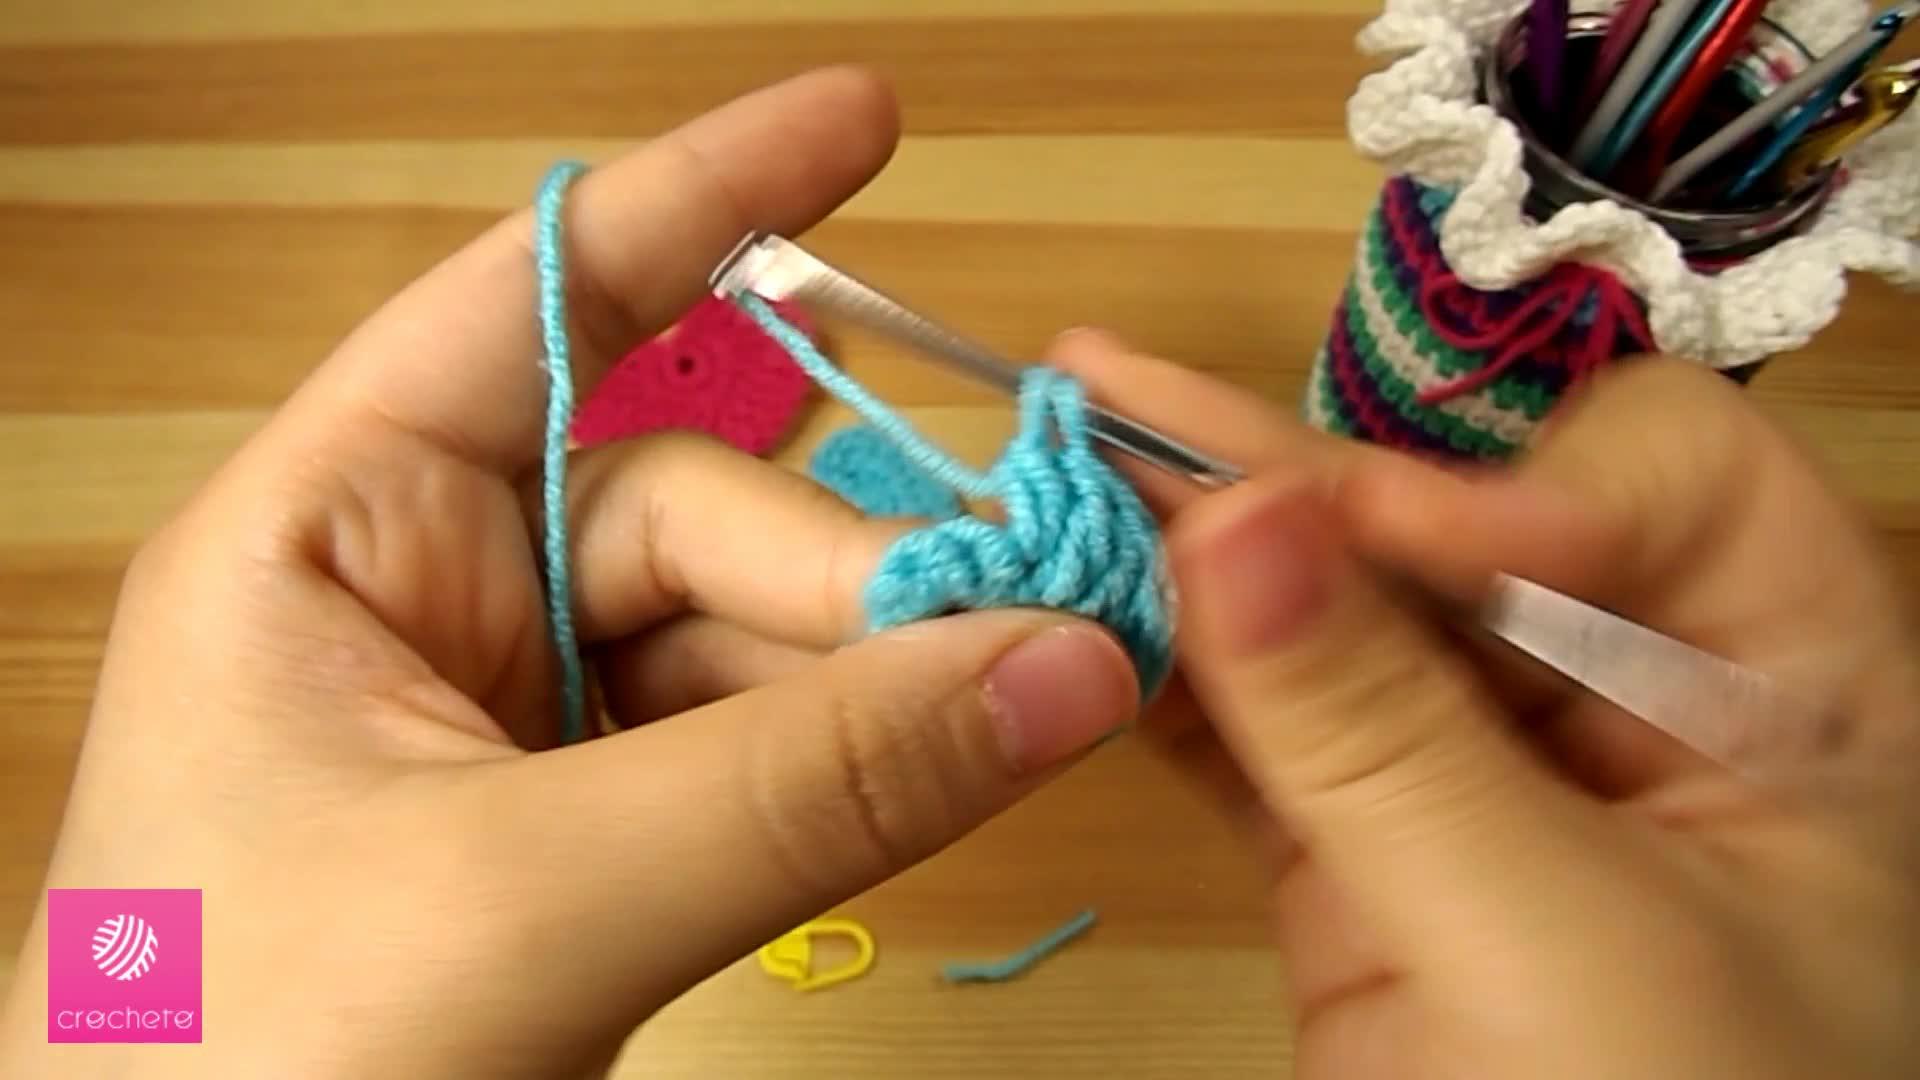 تعليم الكروشيه القلب البسيط Learn how to Crochet Simple Heart - Crochet heart pattern 5